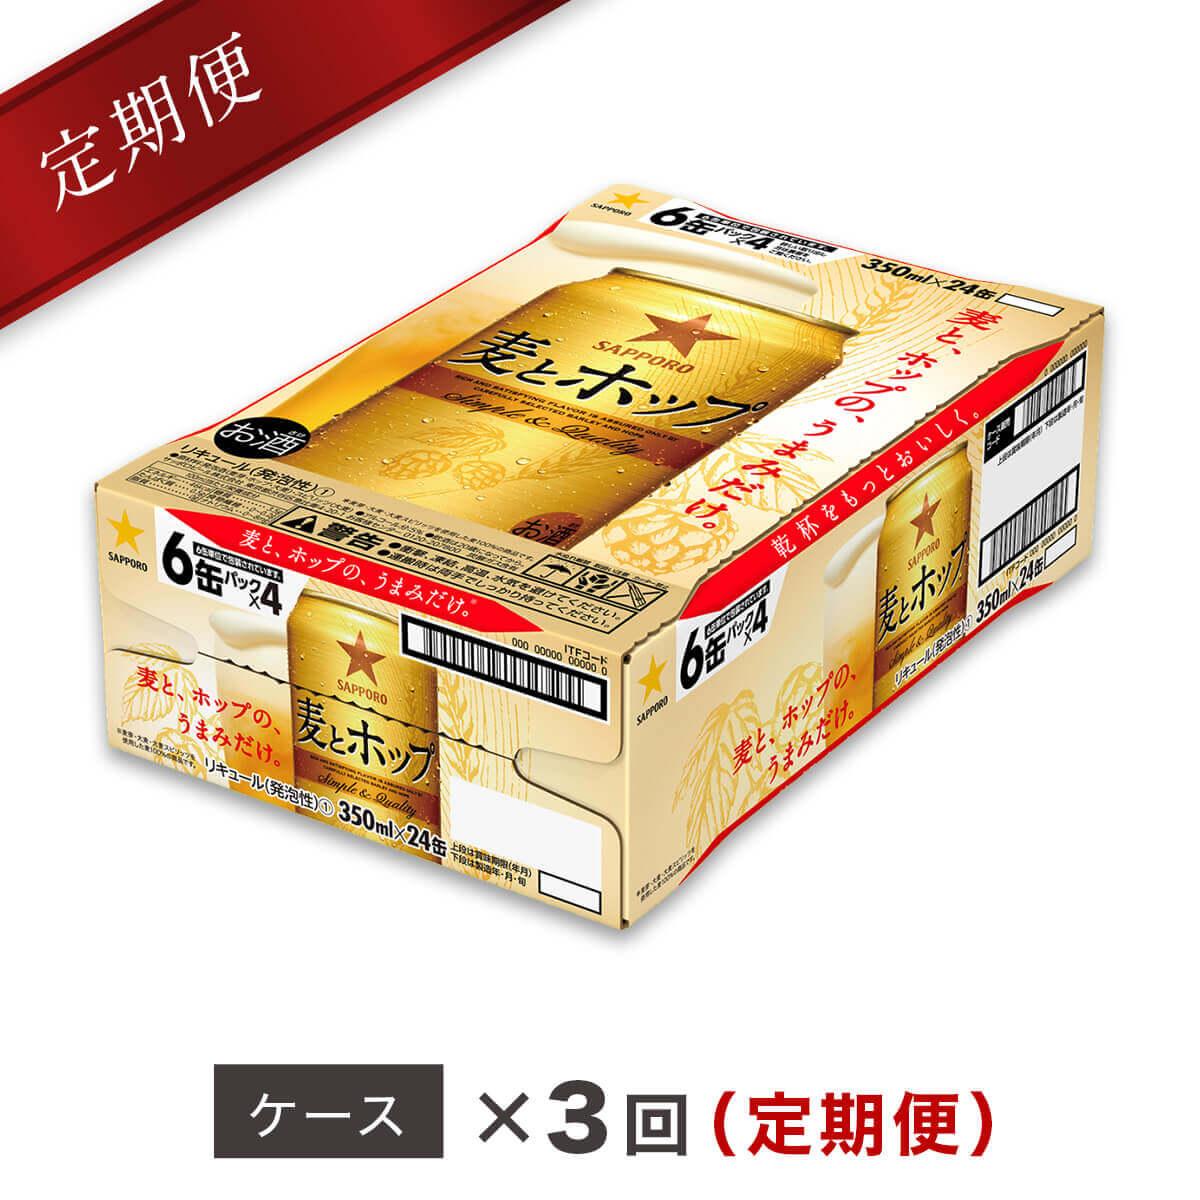 麦とホップ定期便【3ヶ月コース】麦とホップが毎月届く!(350ml×24本)